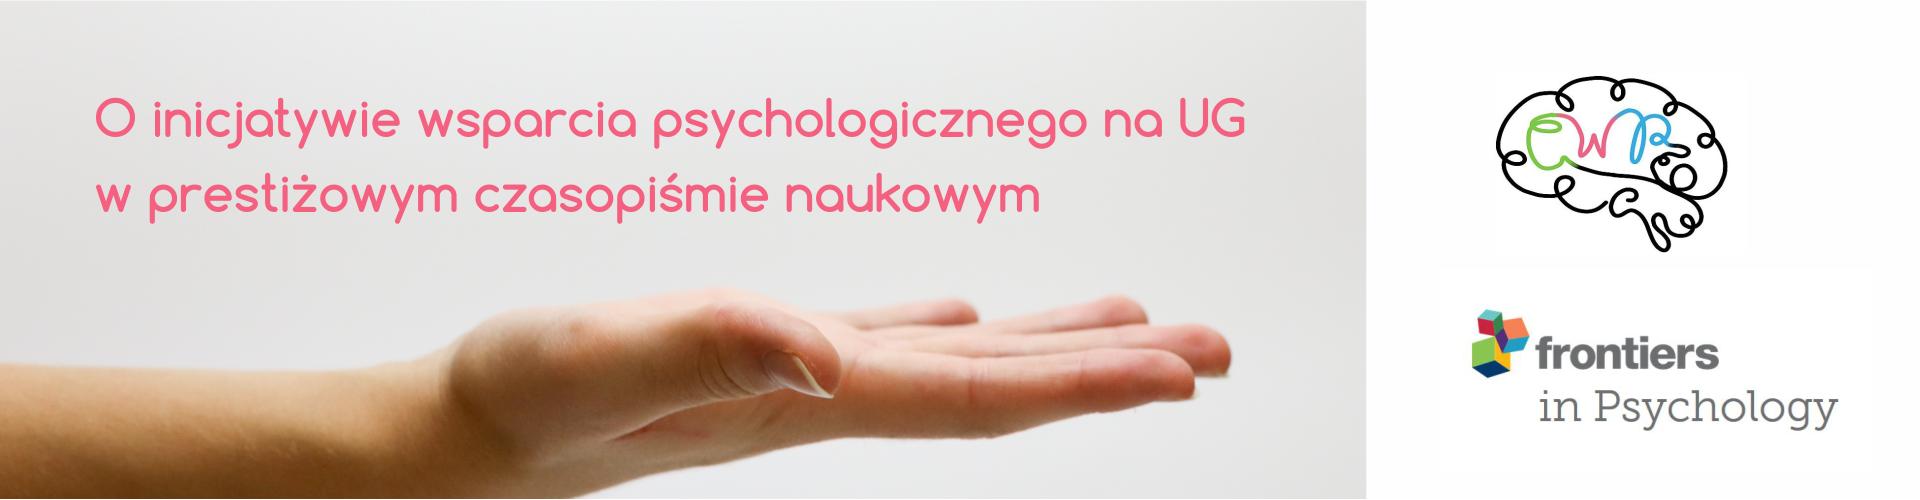 O uniwersyteckiej inicjatywie bezpłatnego wsparcia psychologicznego: artykuł w Frontiers od Psychology